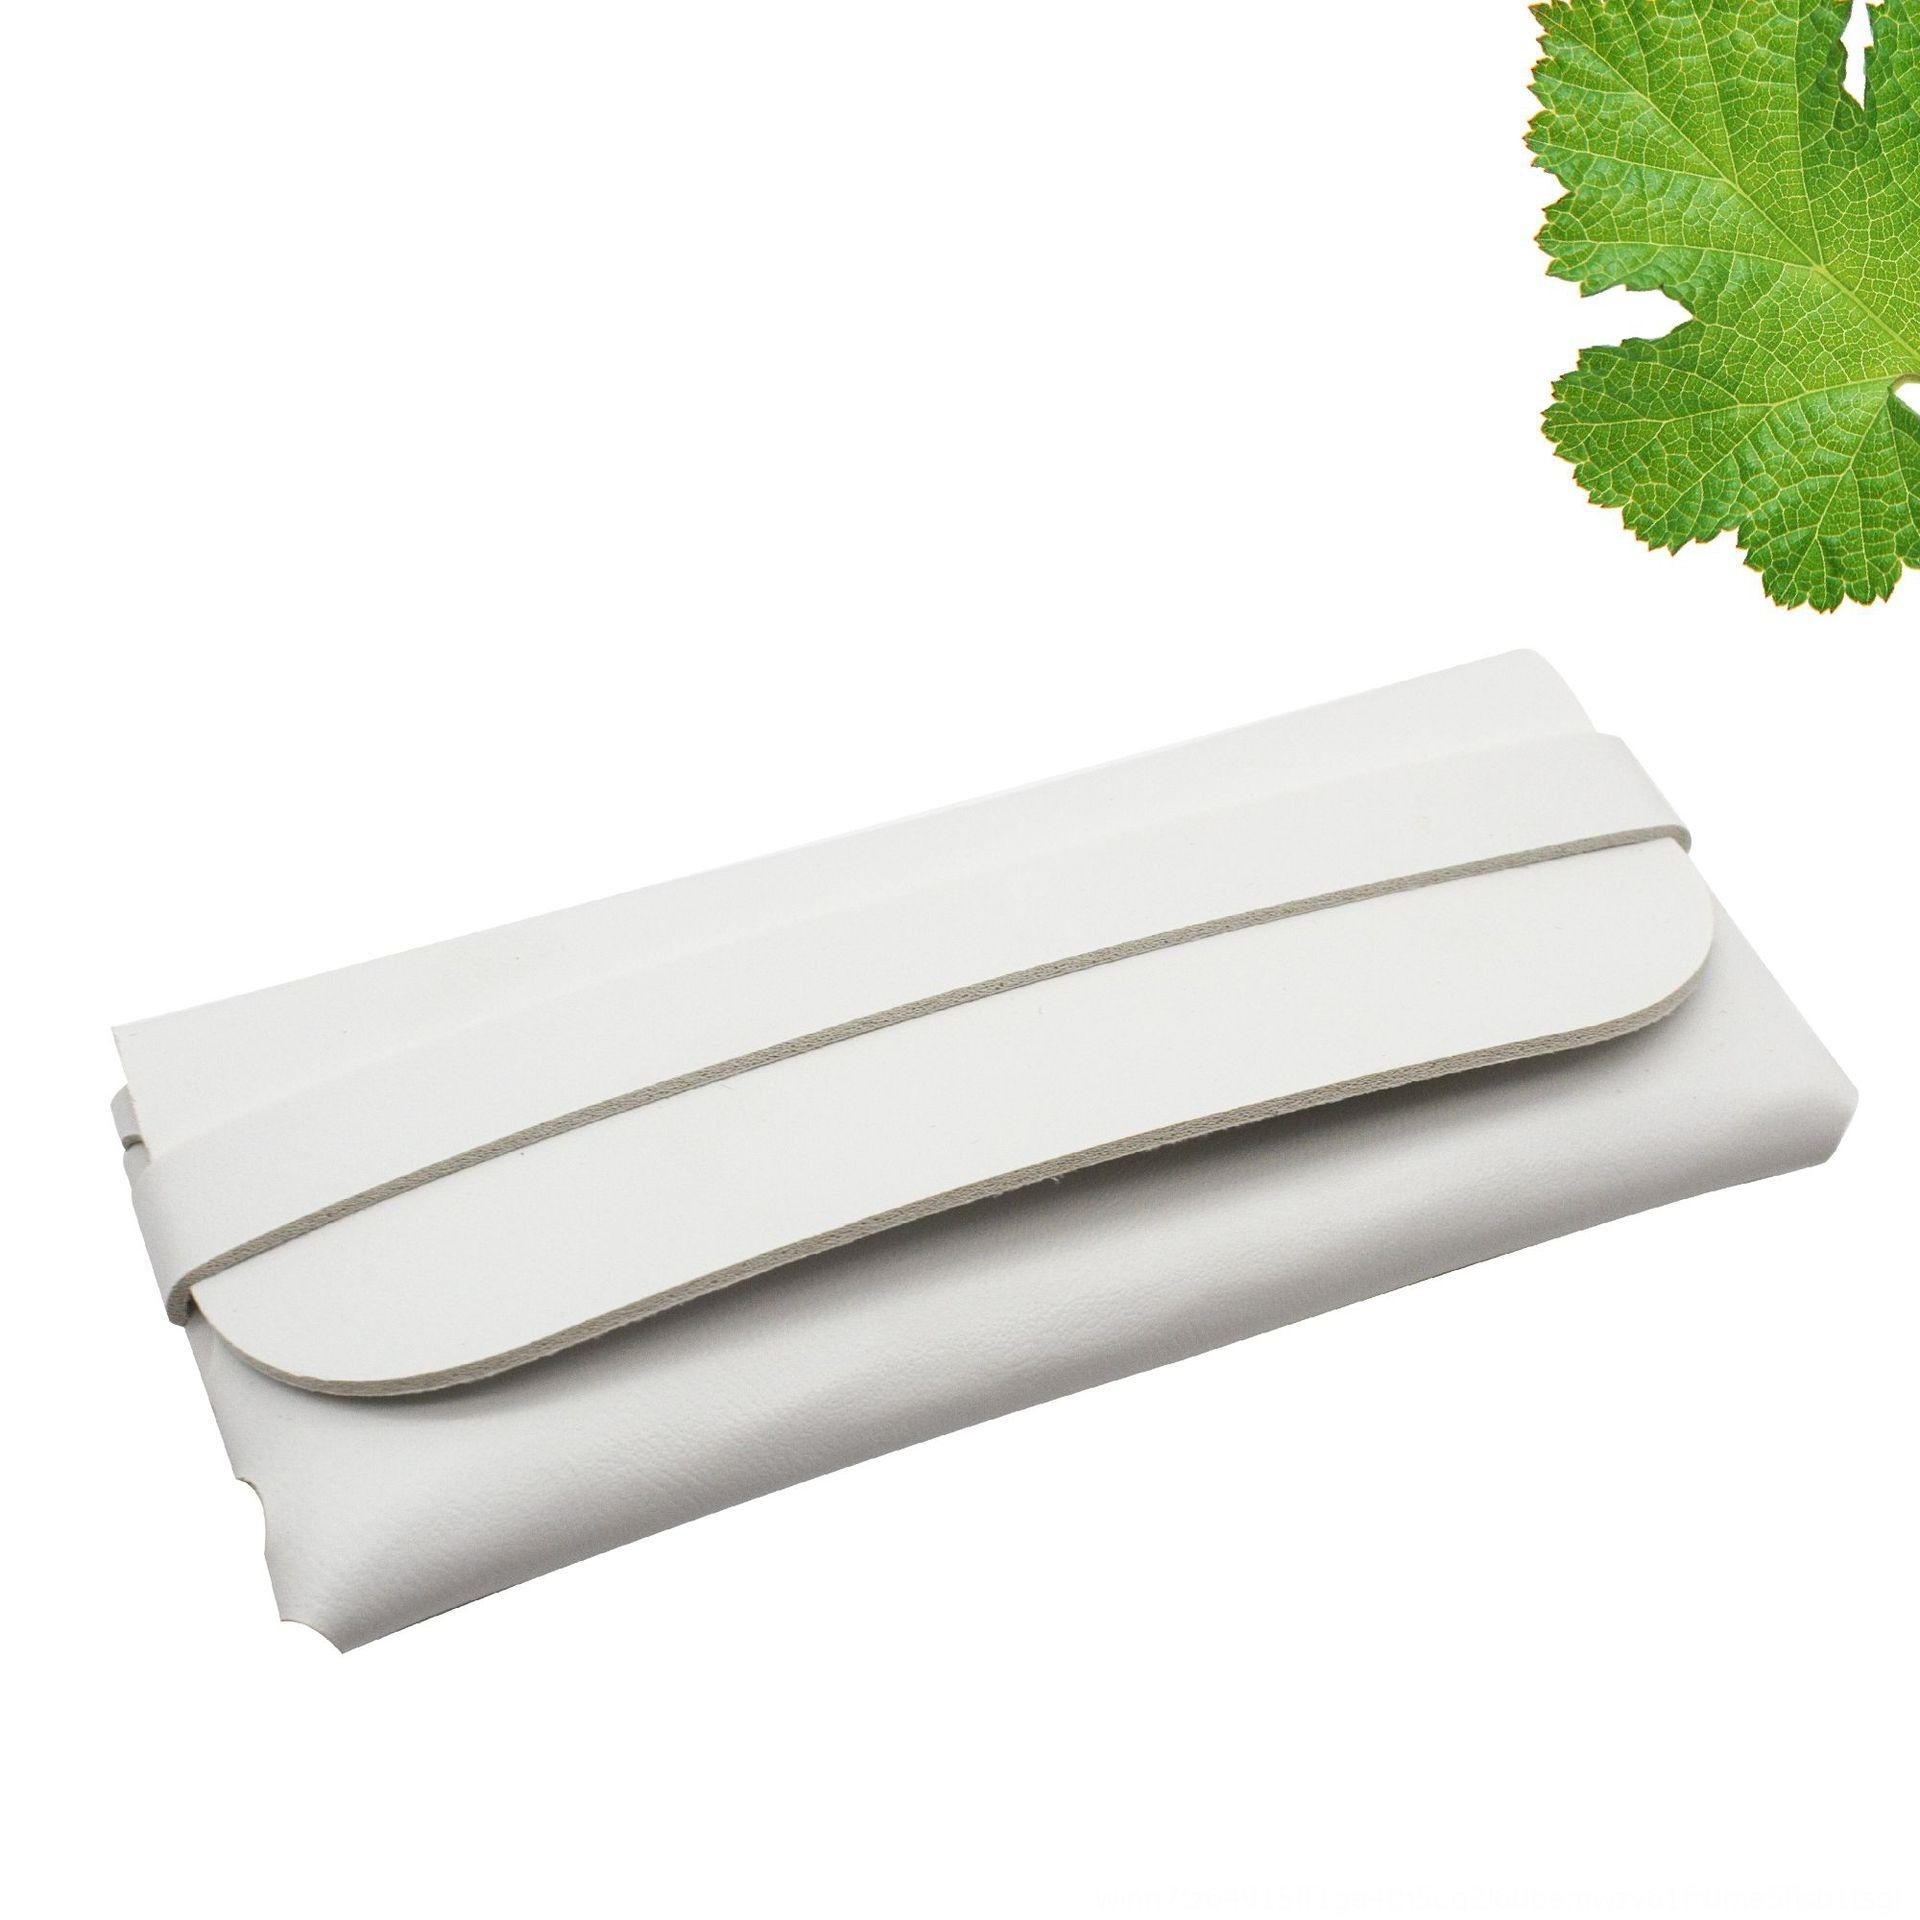 Yeni deri el yapımı kılıf kutusu kutusu dayanıklı taşınabilir kaset güneş gözlüğü PVC deri yumuşak bir çanta gözlük kutusu